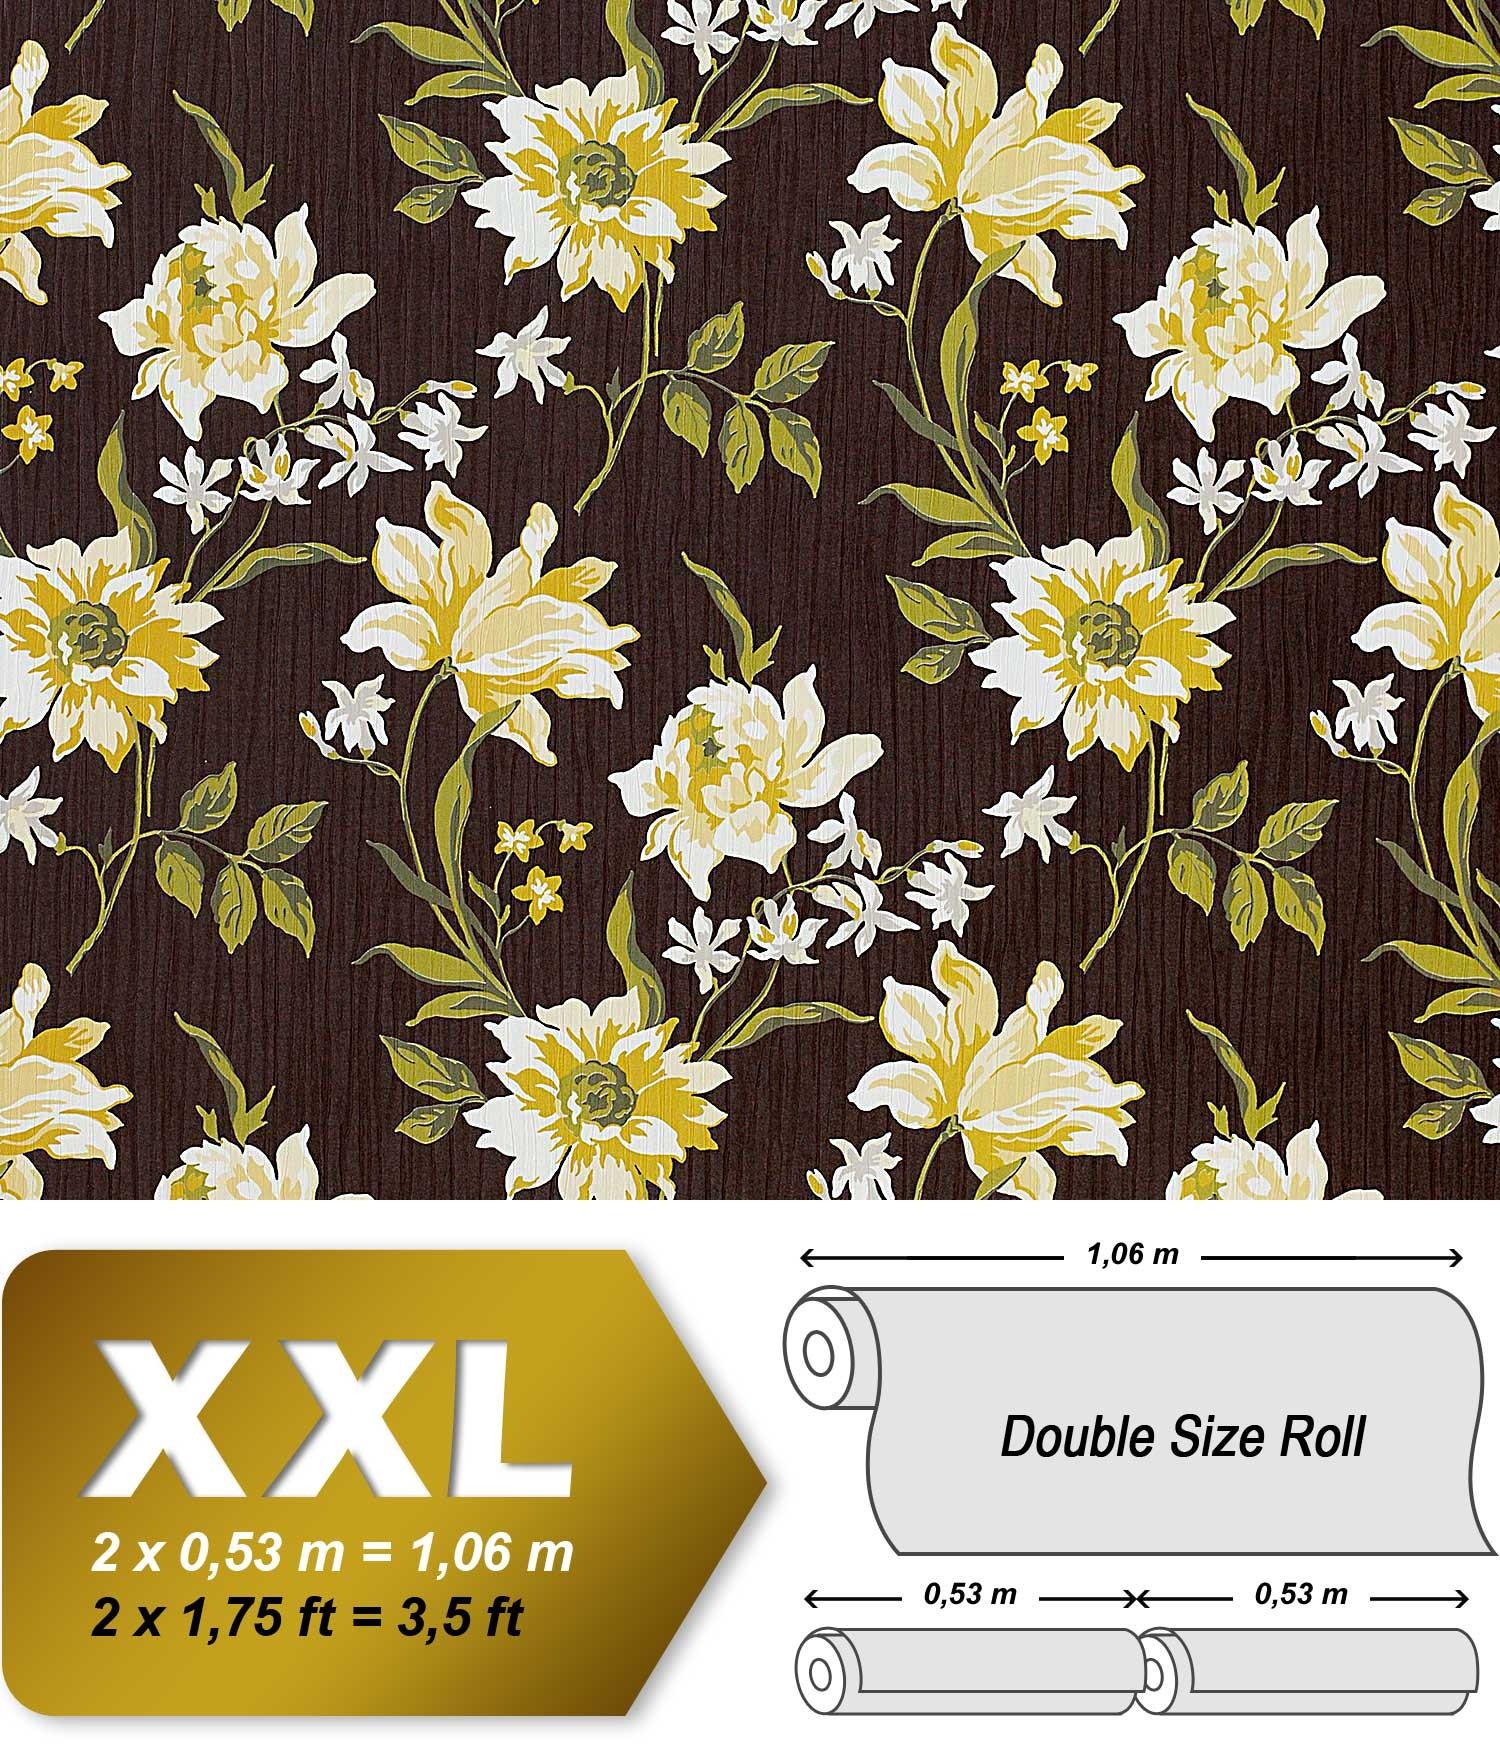 Blumen Tapete Vliestapete Landhaus Tapete EDEM 900 16 Designer Hochwertige  Textiloptik Braun Gelbgrün Weiß Oliv